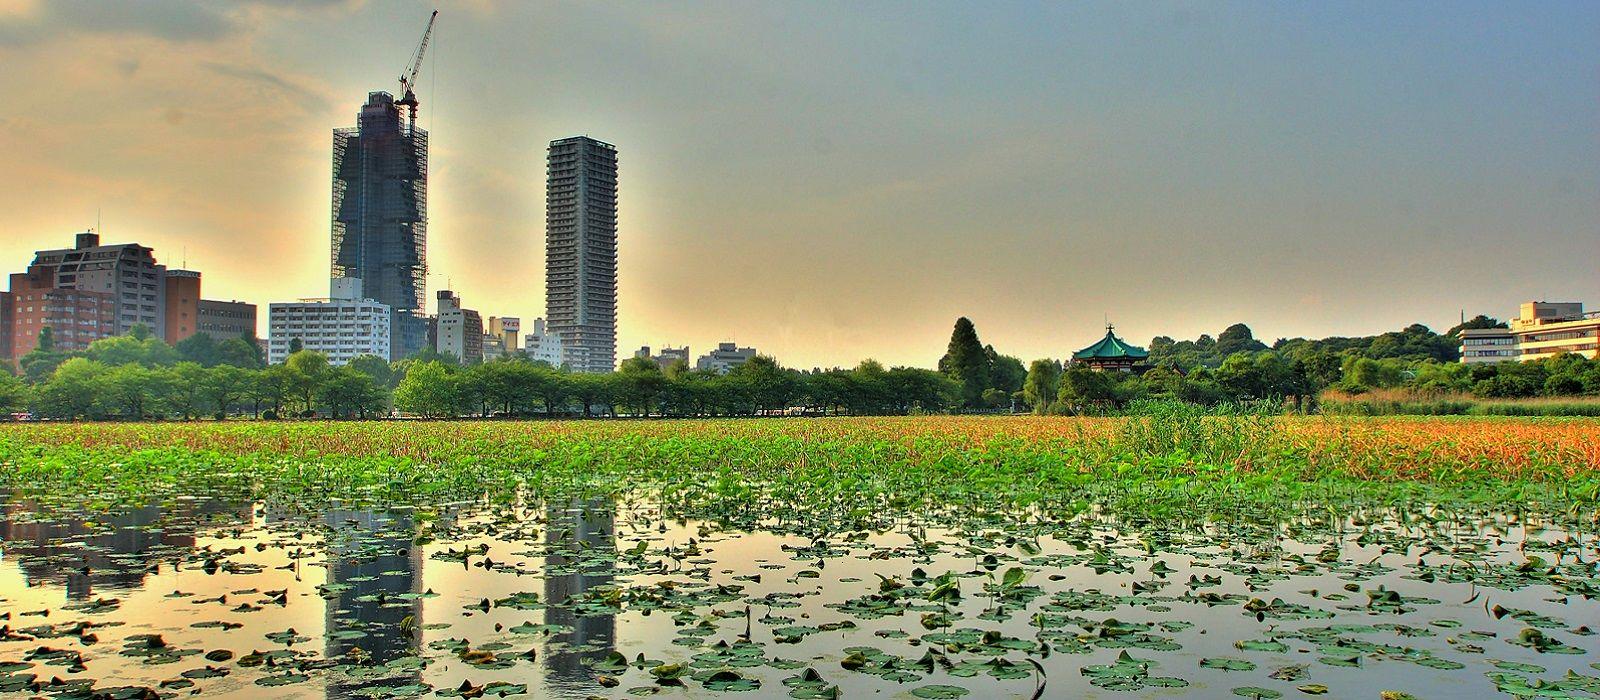 Just Japan – An Introduction Tour Trip 5